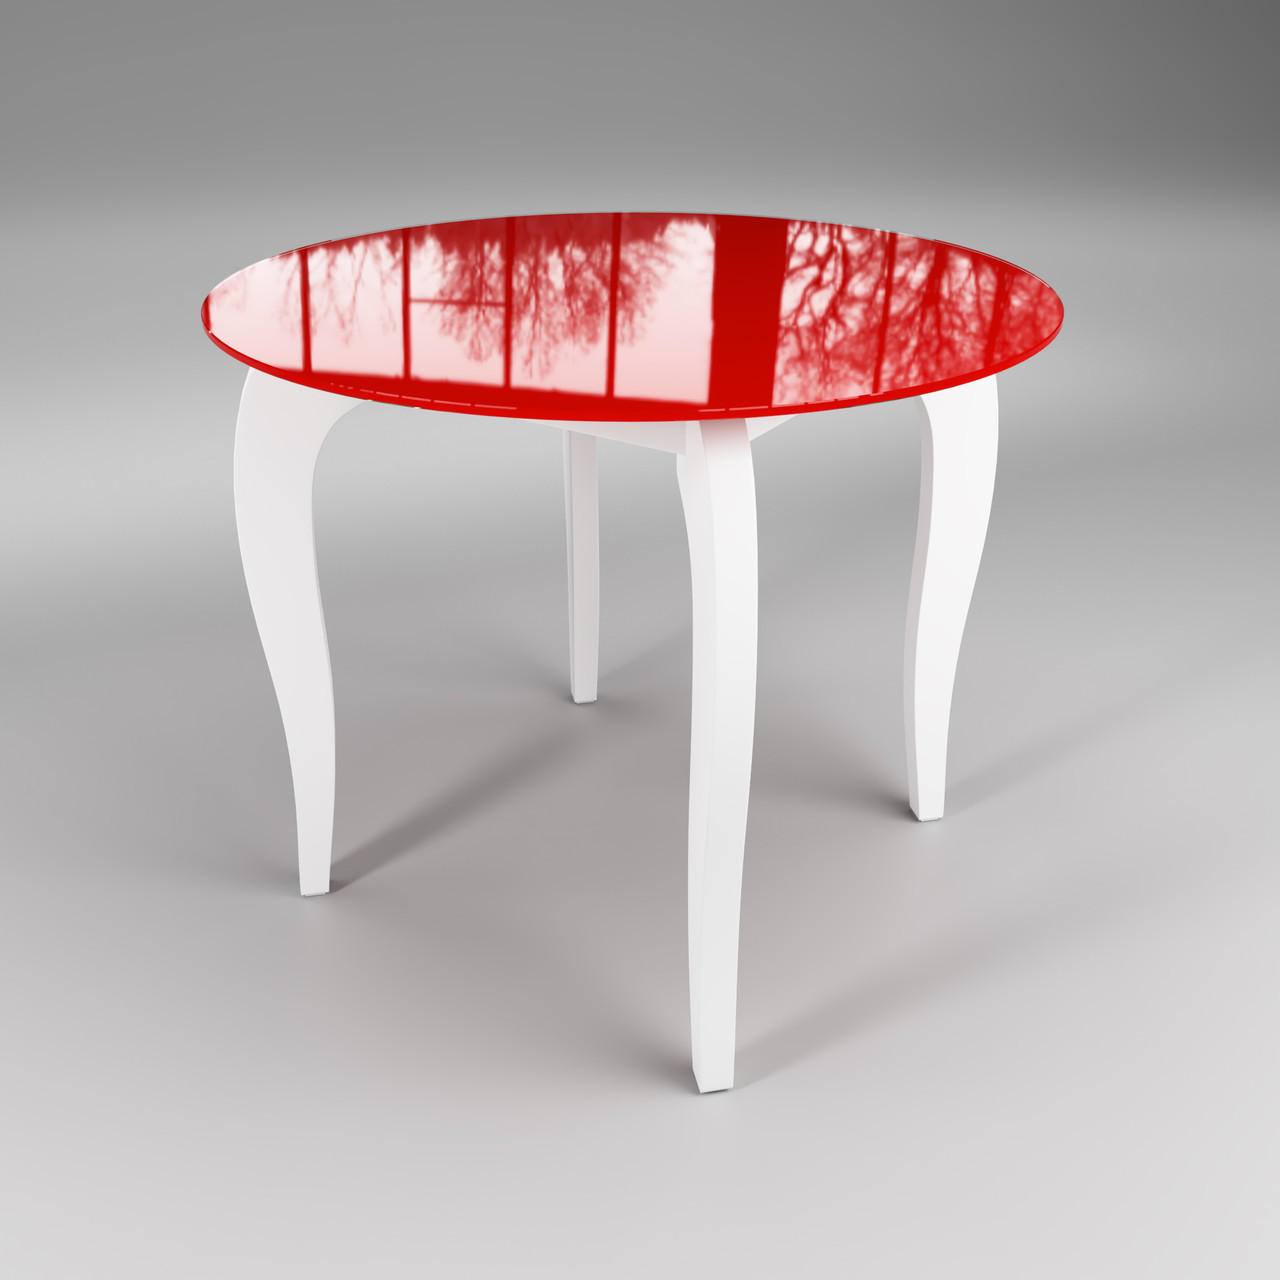 Стол стеклянный Император Круг красно-белый